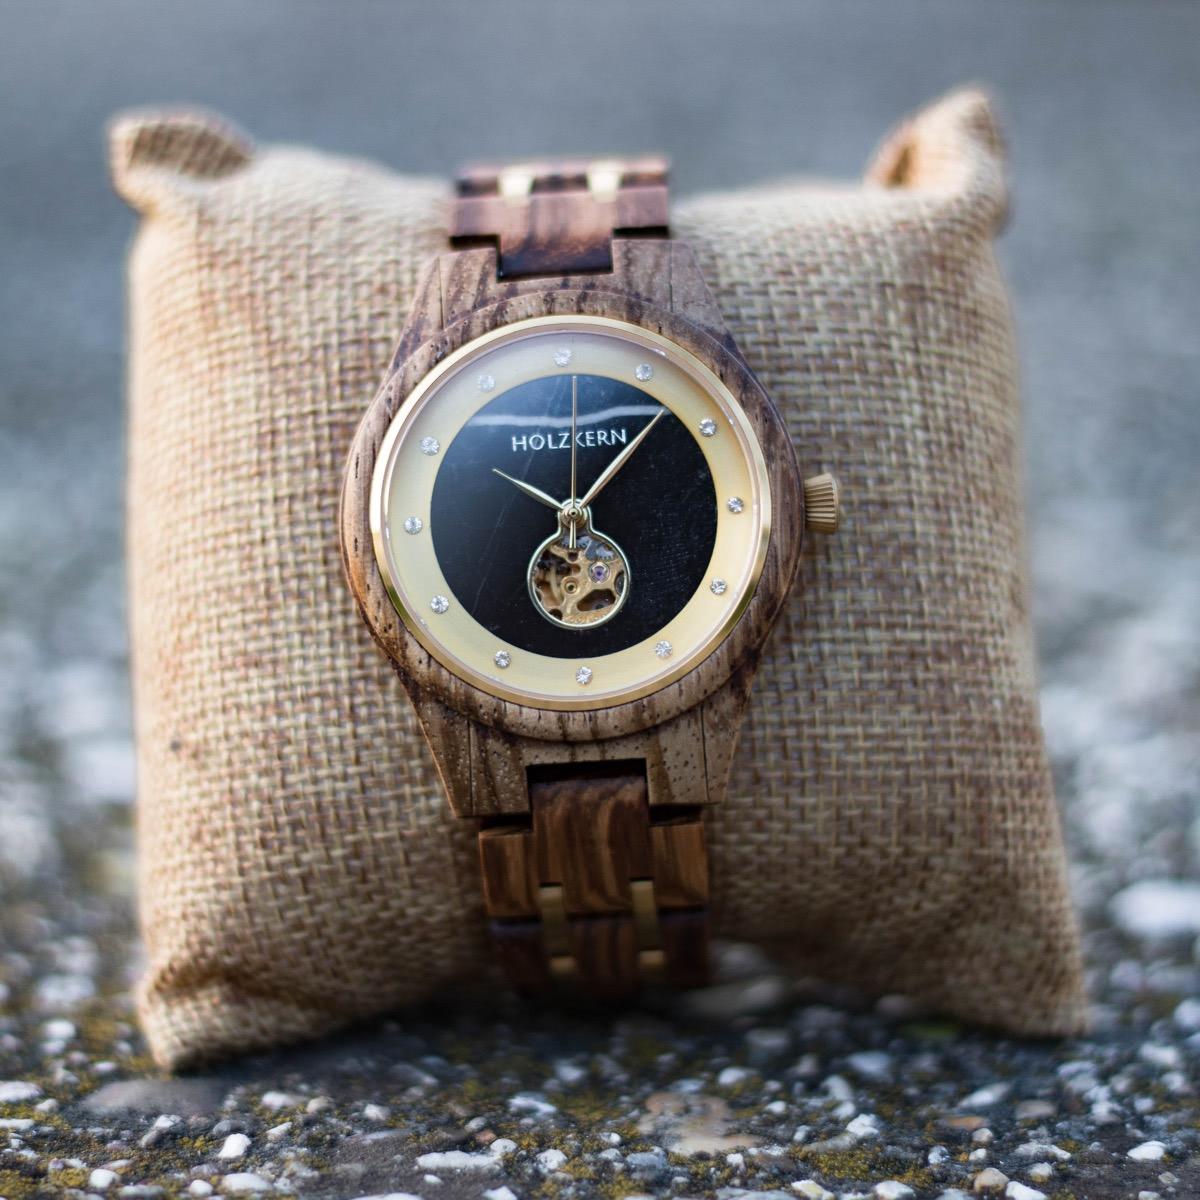 Holzkern Damen-Holzuhr Rapunzel aus Zebranoholz mit schwarzem Marmor-Ziffernblatt und Automatik-Uhrwerk auf einem Uhrenpolster